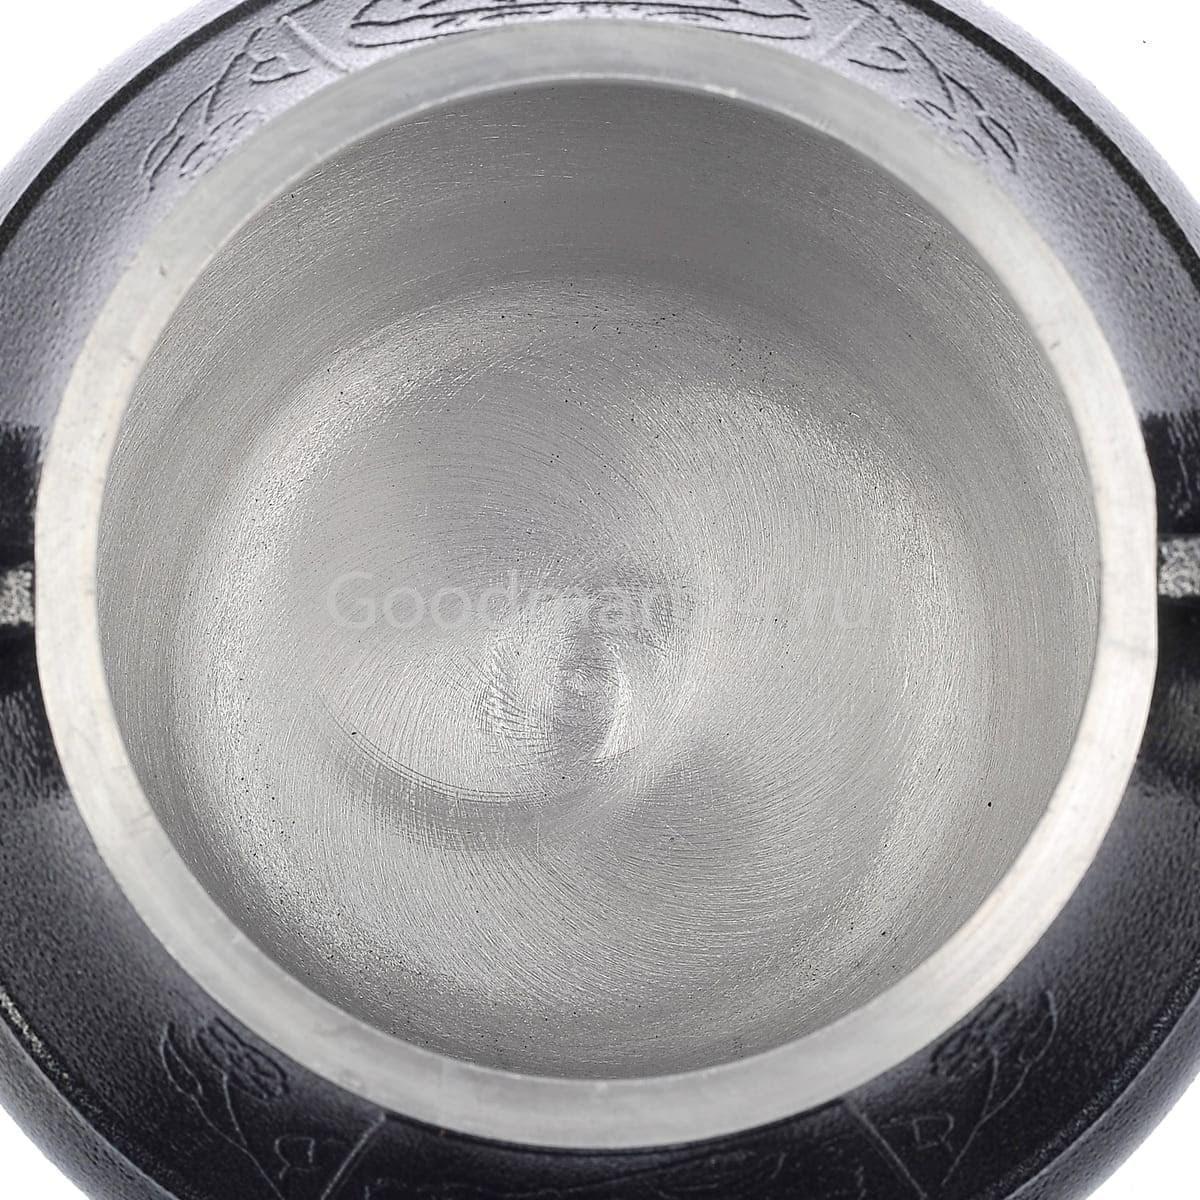 Отзывы на Афганский казан-скороварка 8 литров алюминиевый Rashko Baba LTD